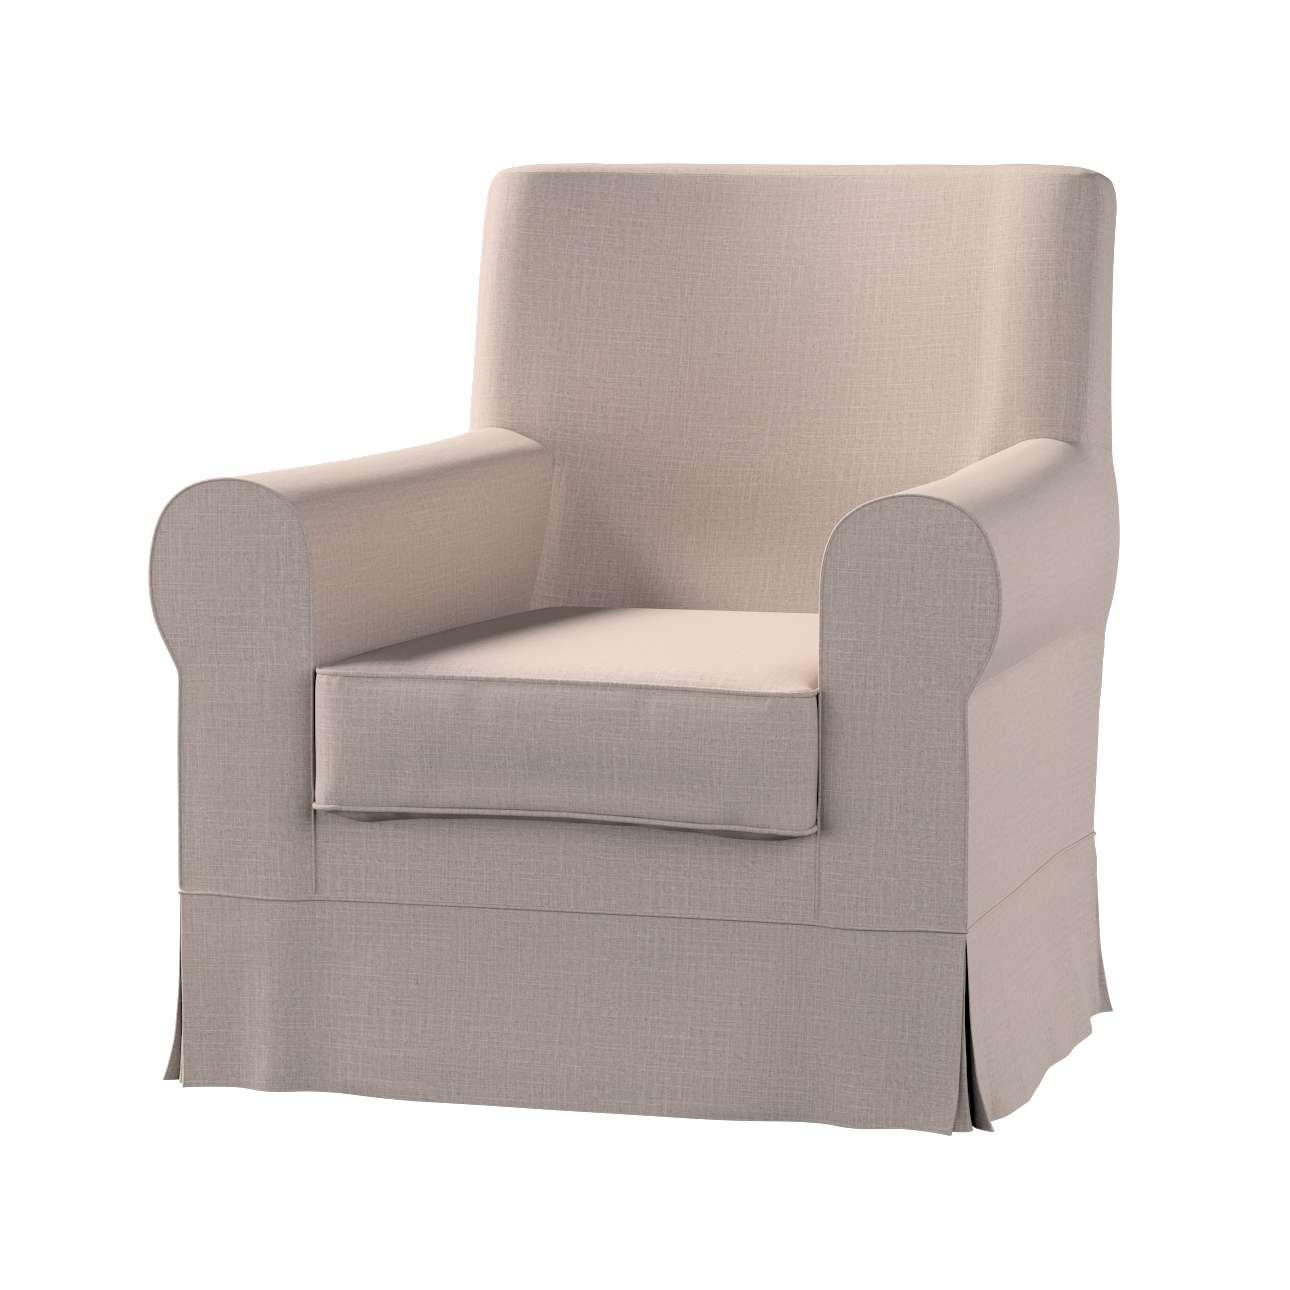 Pokrowiec na fotel Ektorp Jennylund w kolekcji Living II, tkanina: 160-85